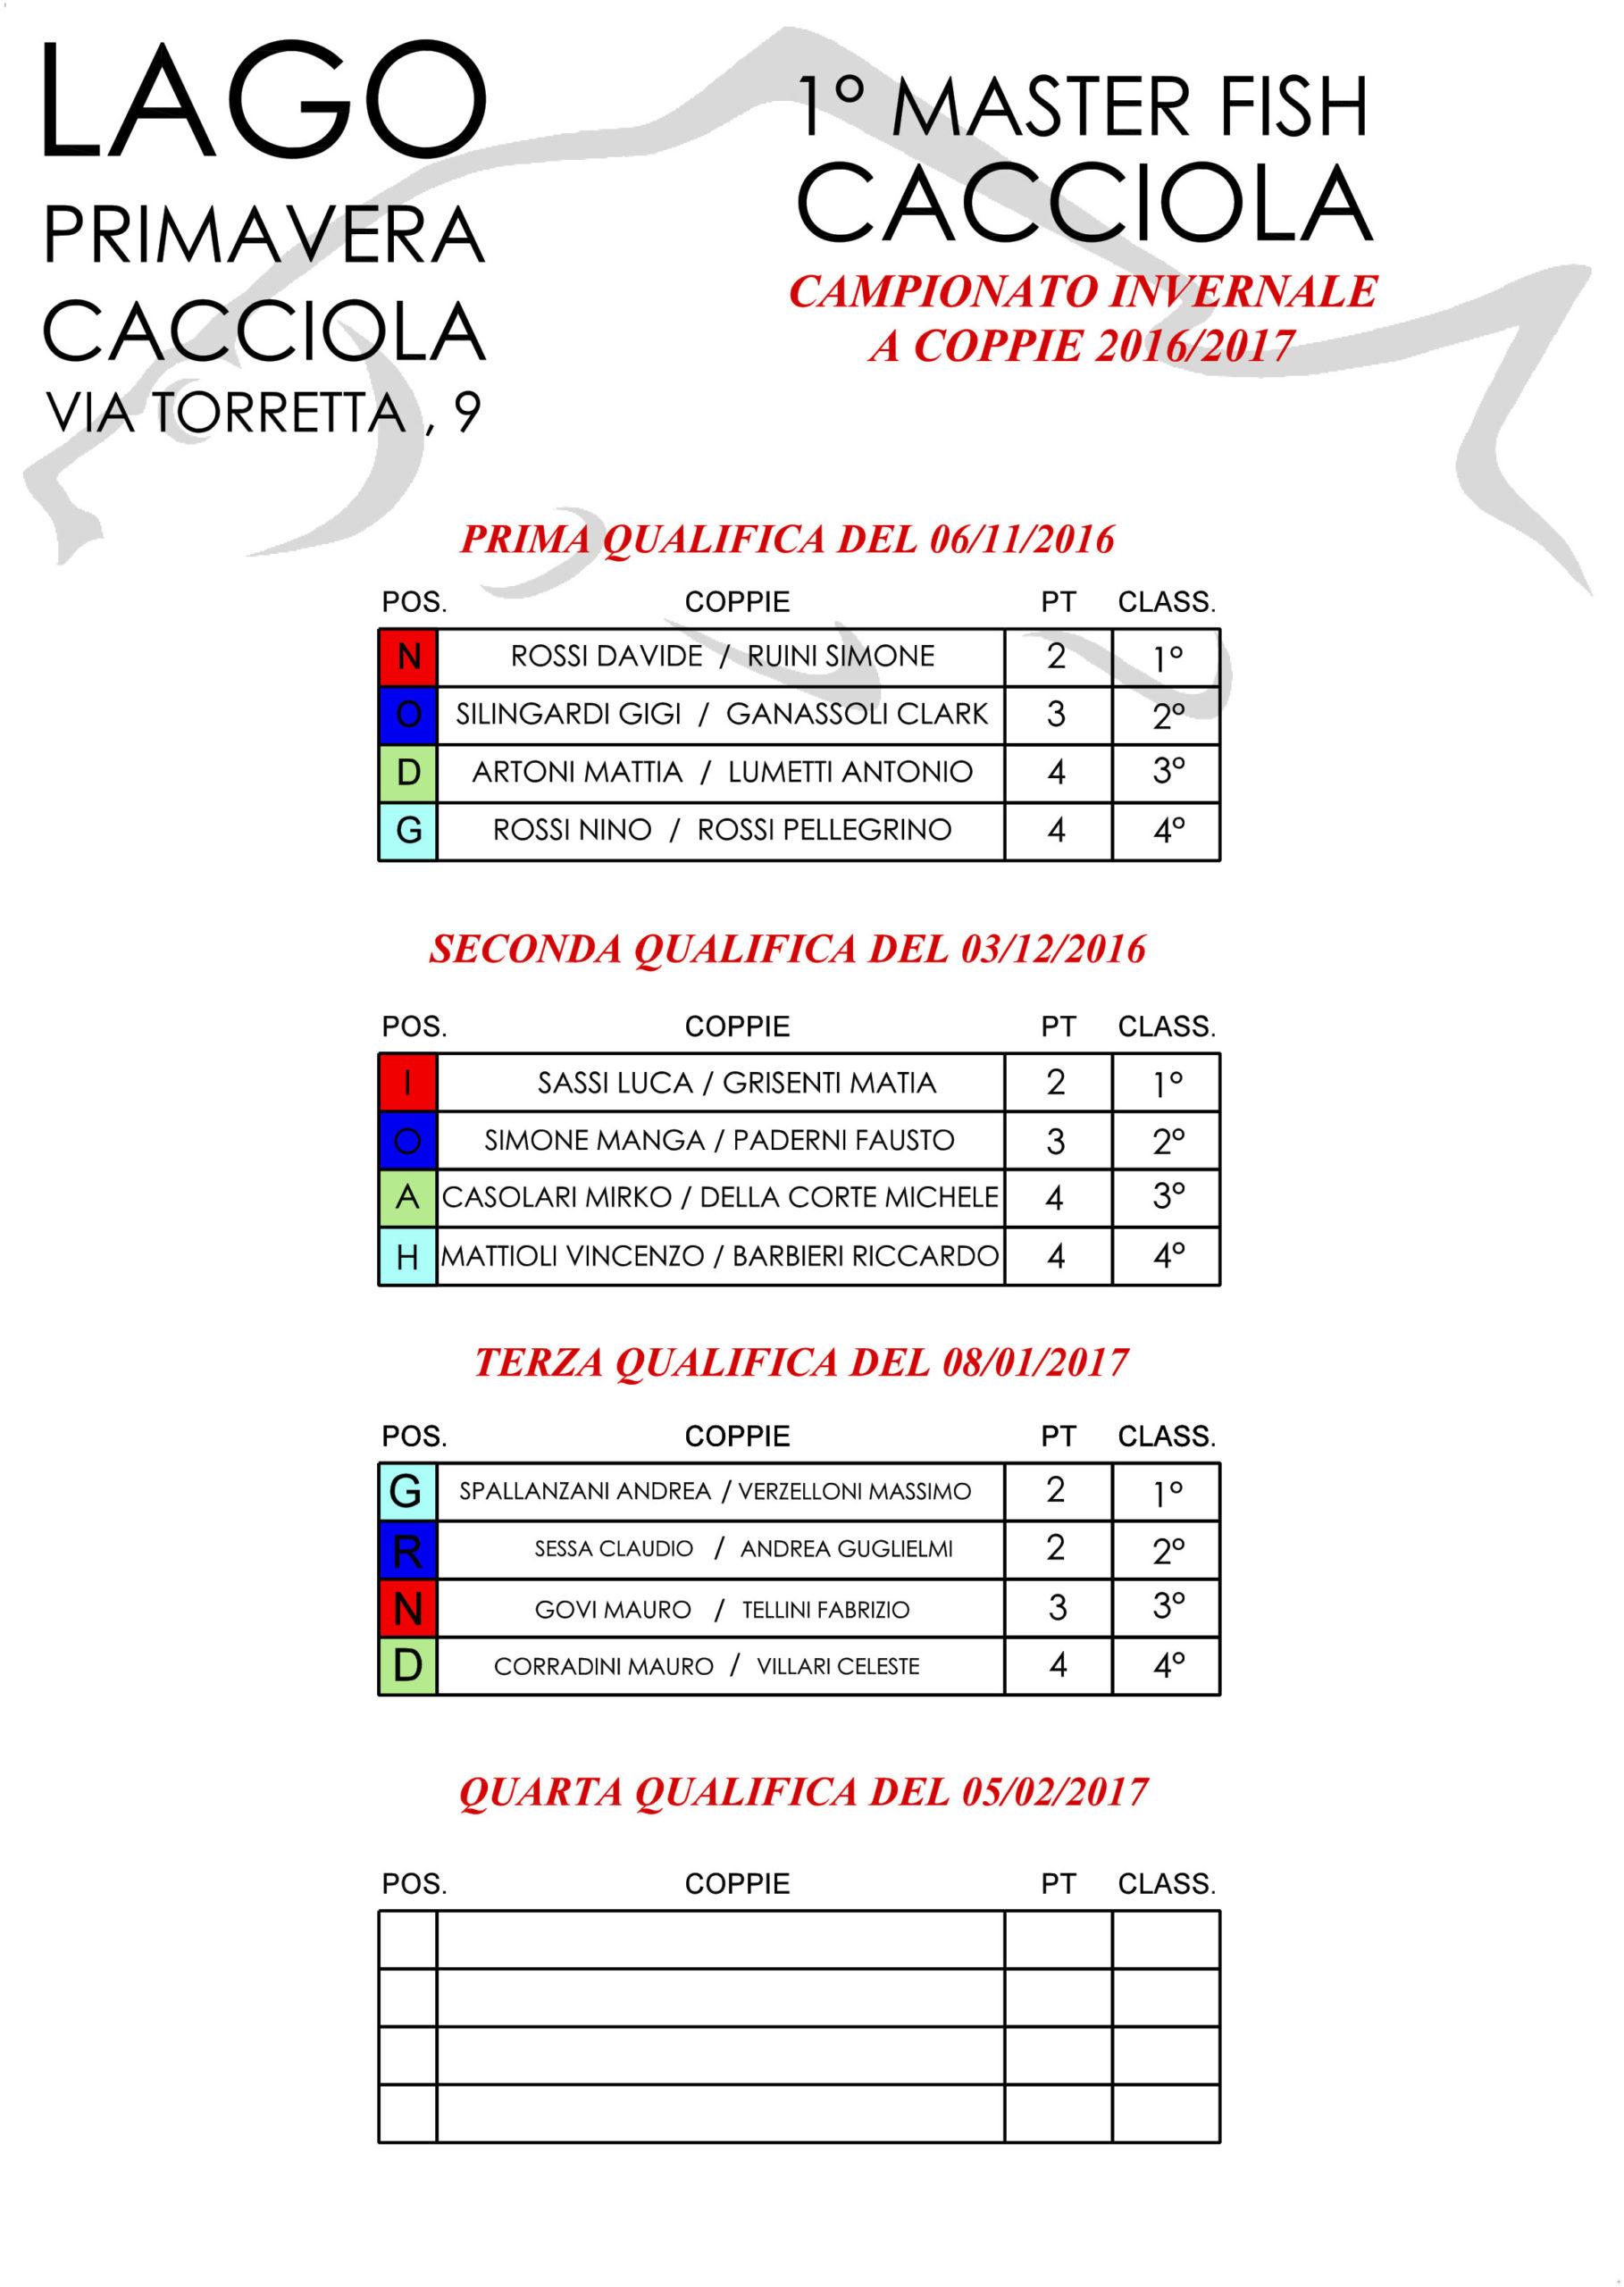 schema sorteggi campionato invernale coppie terza qualifica.dgn